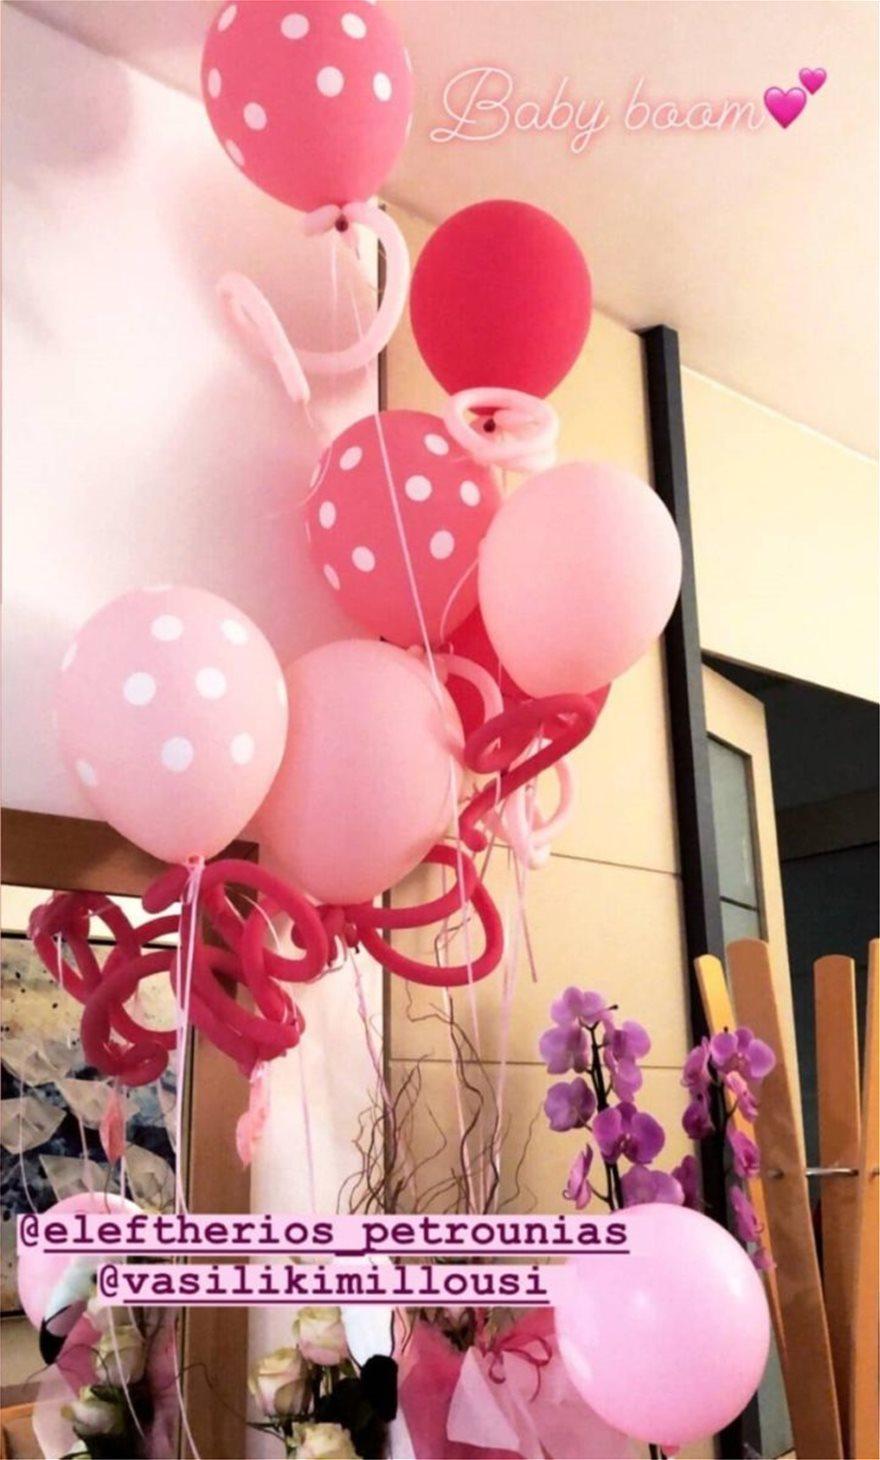 Το δωμάτιο της Βασιλικής Μιλλούση γέμισε ροζ μπαλόνια